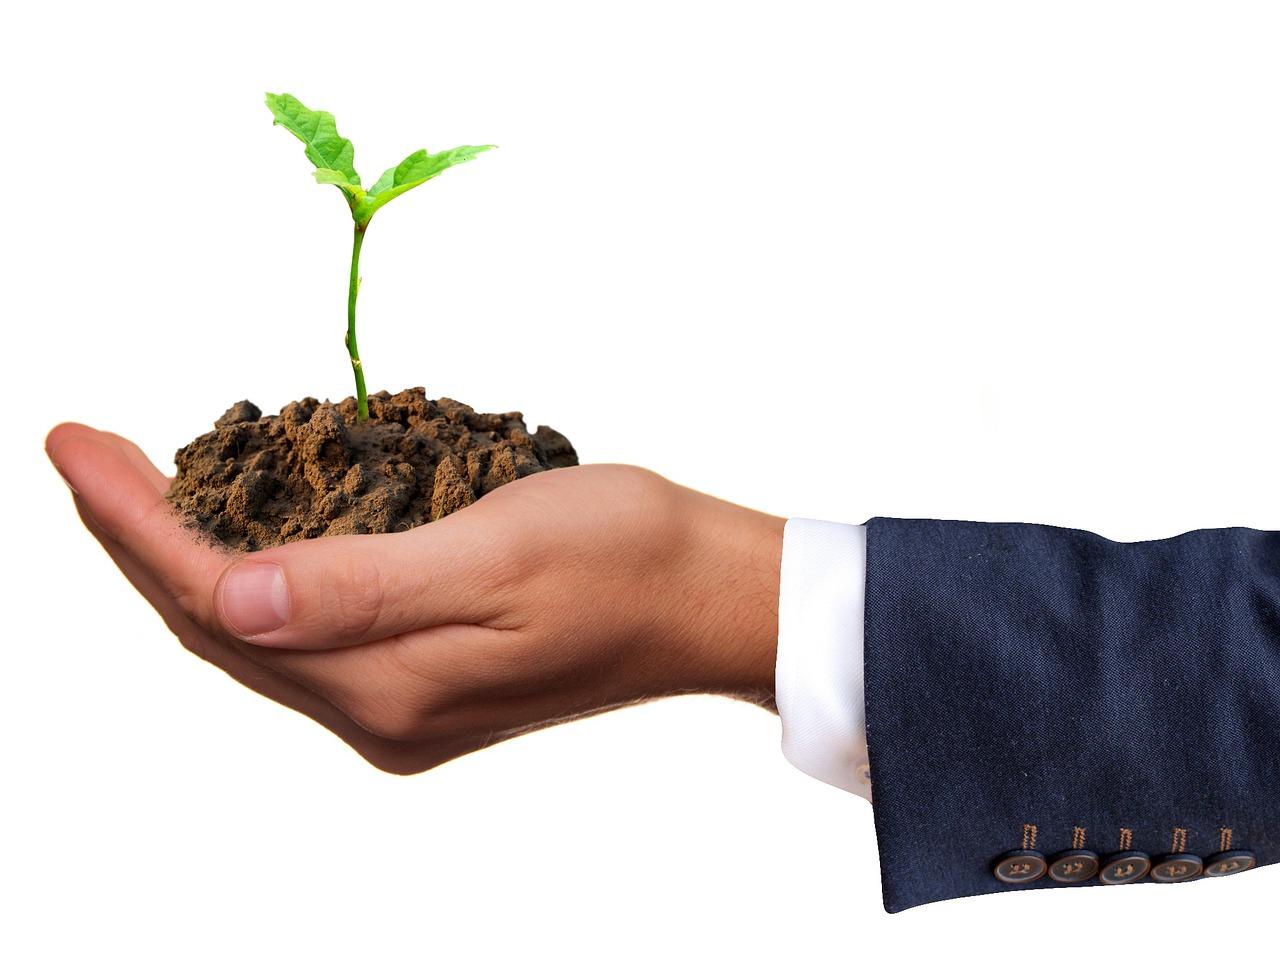 Бесплатная приватизация земли продлена до 2018 года